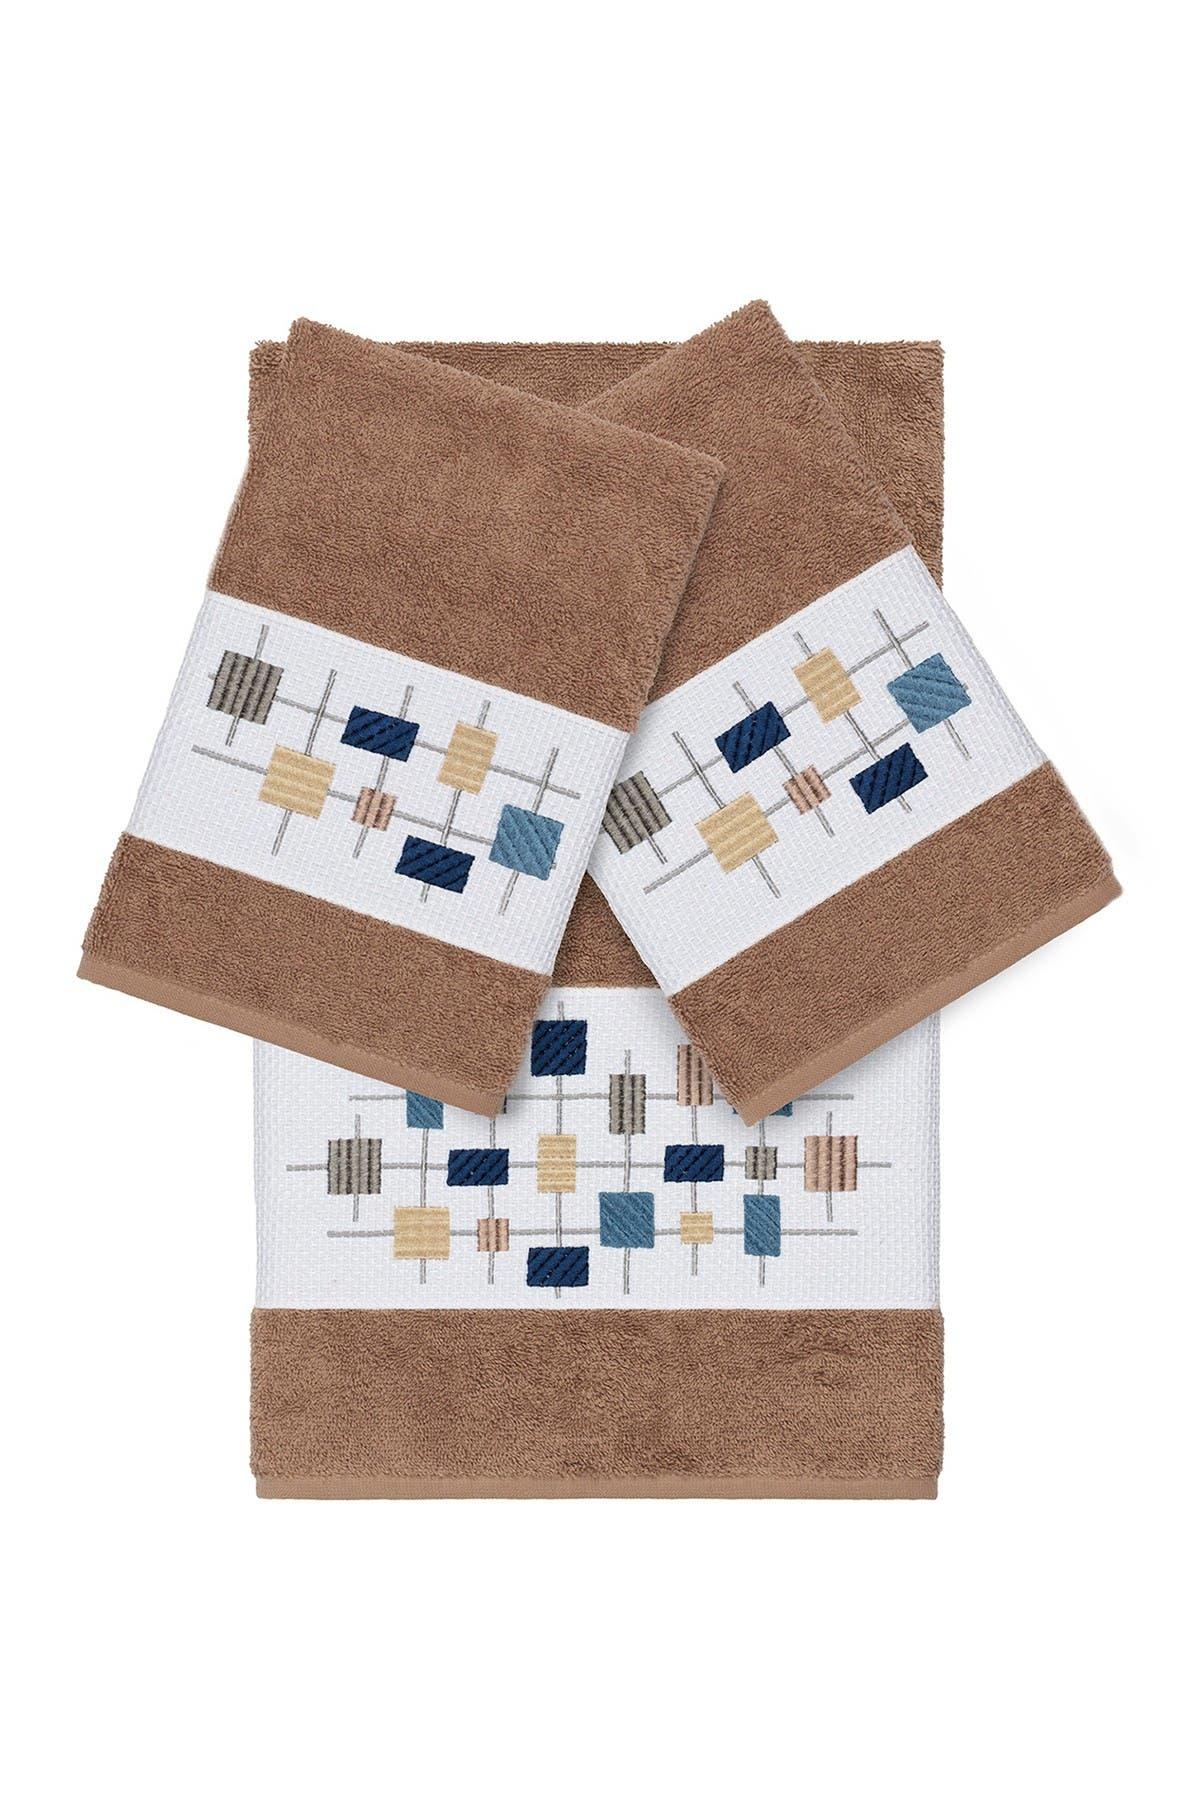 Image of LINUM HOME Khloe 3-Piece Embellished Towel - Latte